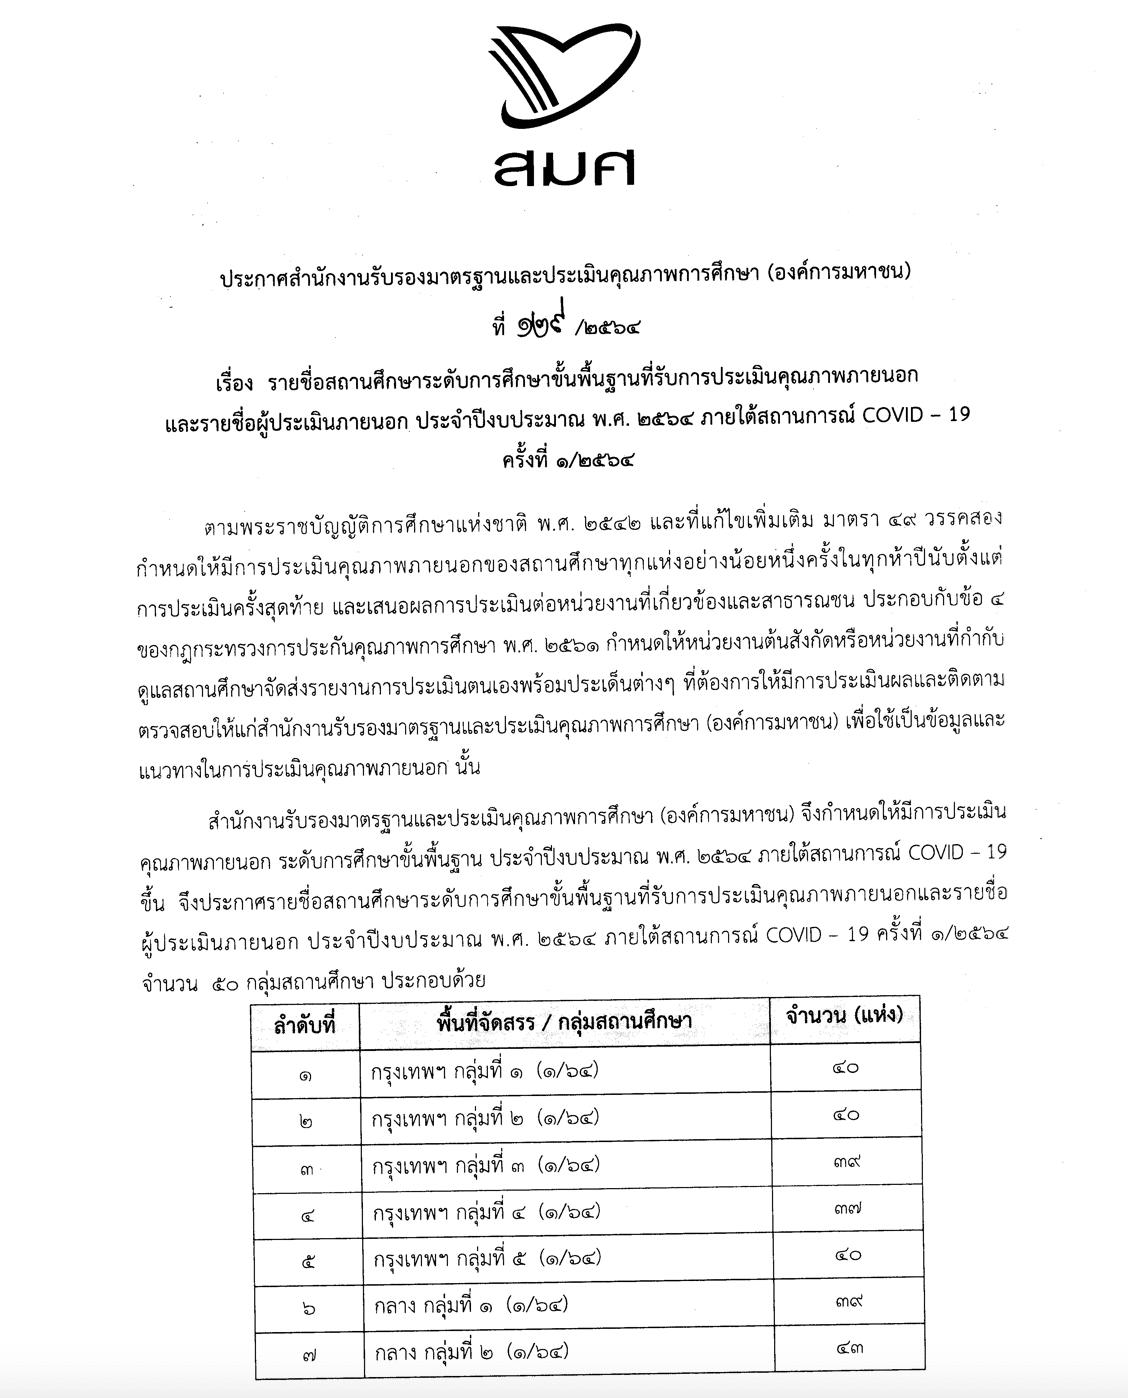 สมศ.ประกาศรายชื่อสถานศึกษา ที่รับการประเมินคุณภาพภายนอก และรายชื่อผู้ประเมินภายนอกประจำปีงบประมาณ พ.ศ.2564 ภายใต้สถานการณ์ COVID-19 ครั้งที่ 1/2564